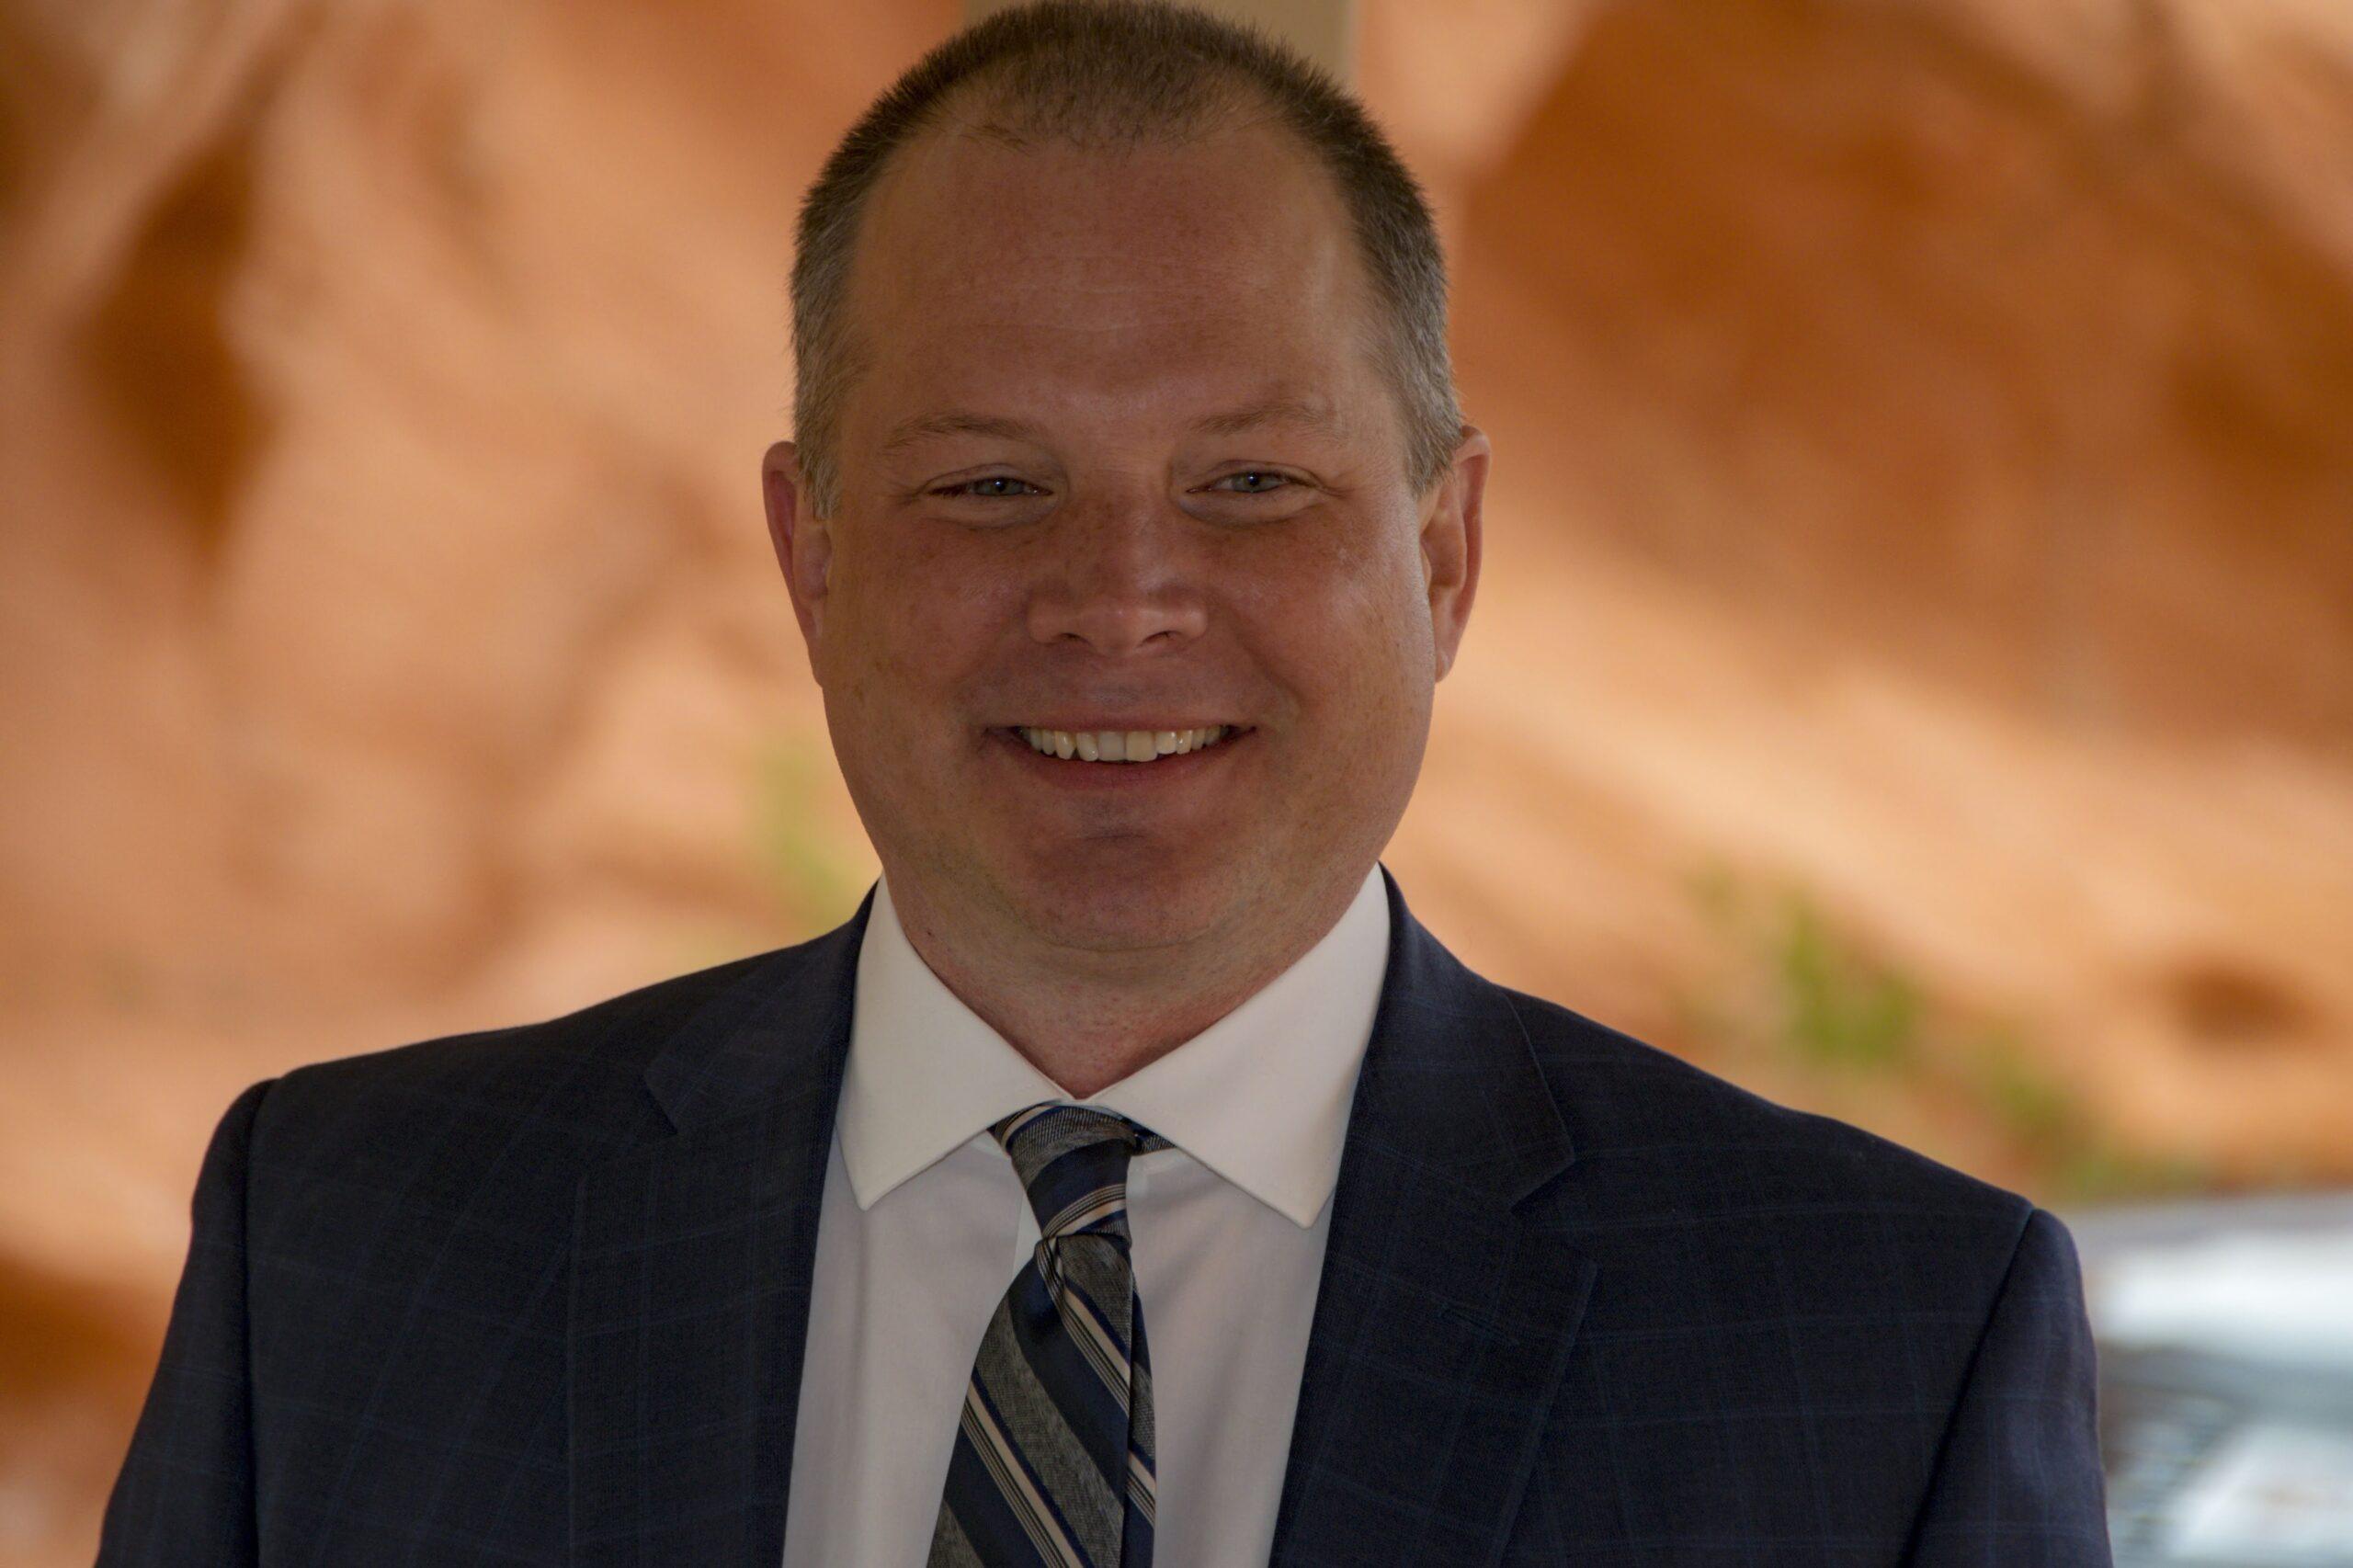 Alan Witte